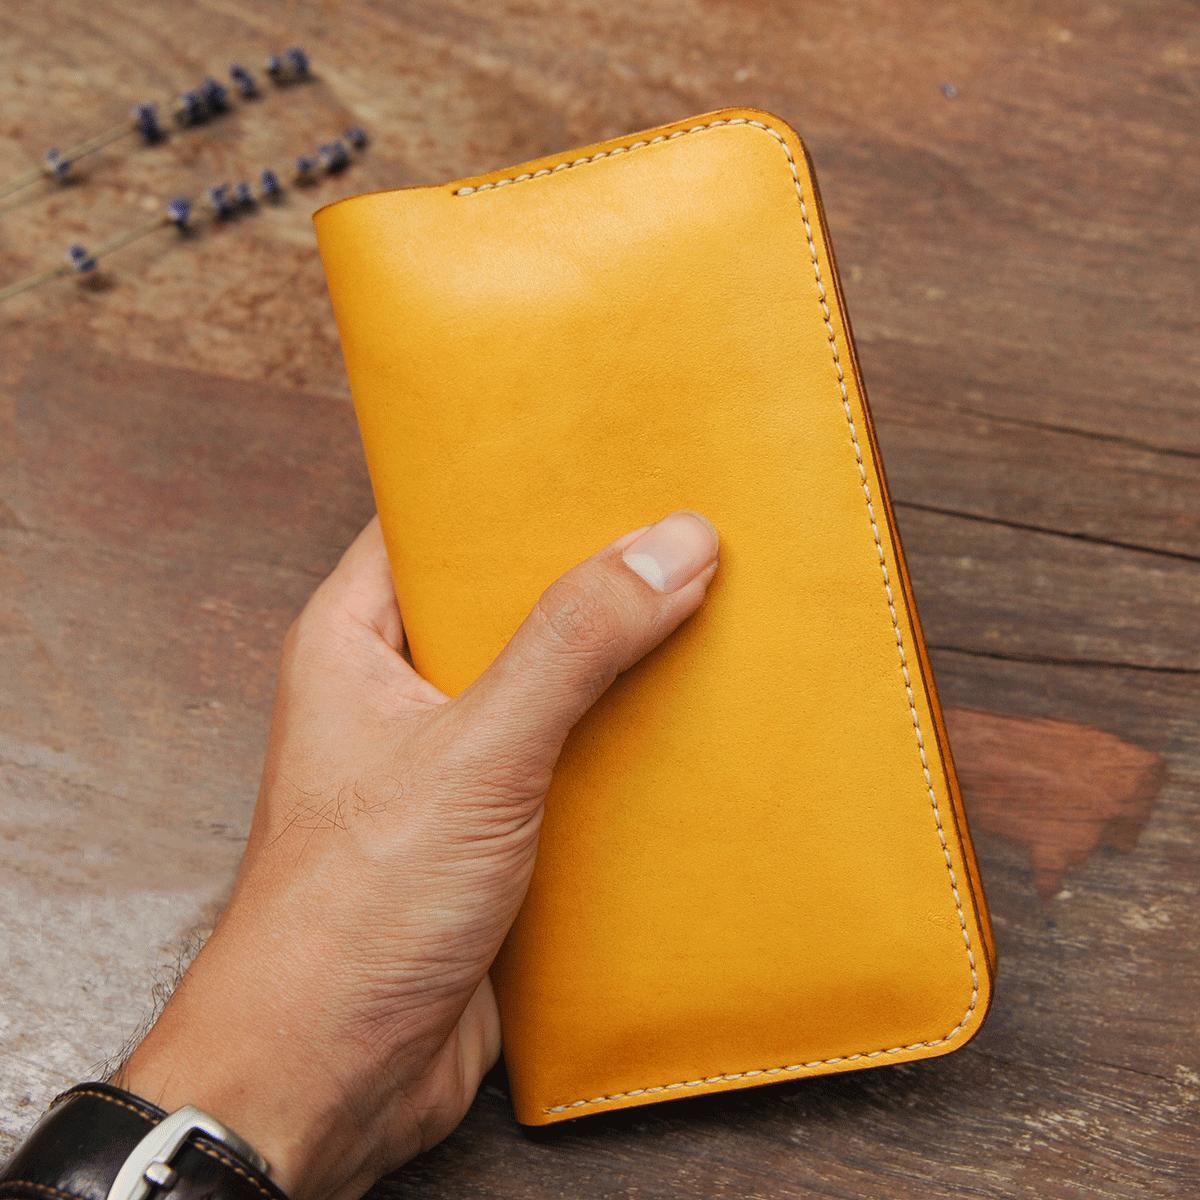 Ví dài cầm tay nữ có ngăn đựng điện thoại màu vàng handmade - Ví Da bò - Ví dài cầm tay nữ Mino Crafts VI482